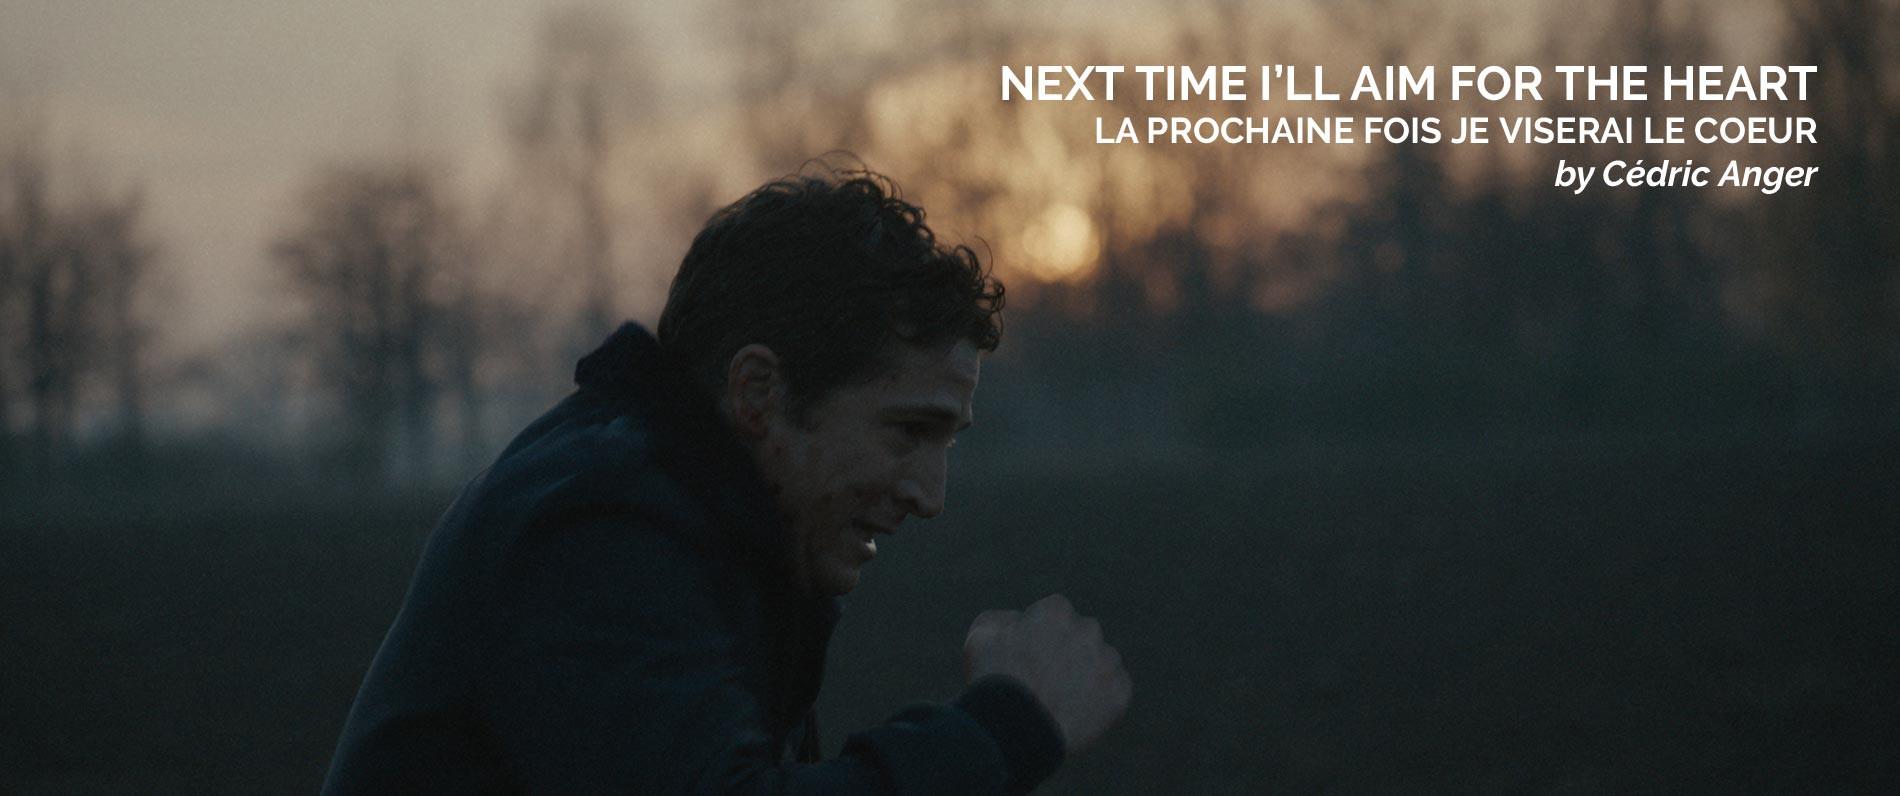 JE TÉLÉCHARGER VISERAI LA FILM COEUR FOIS PROCHAINE LE